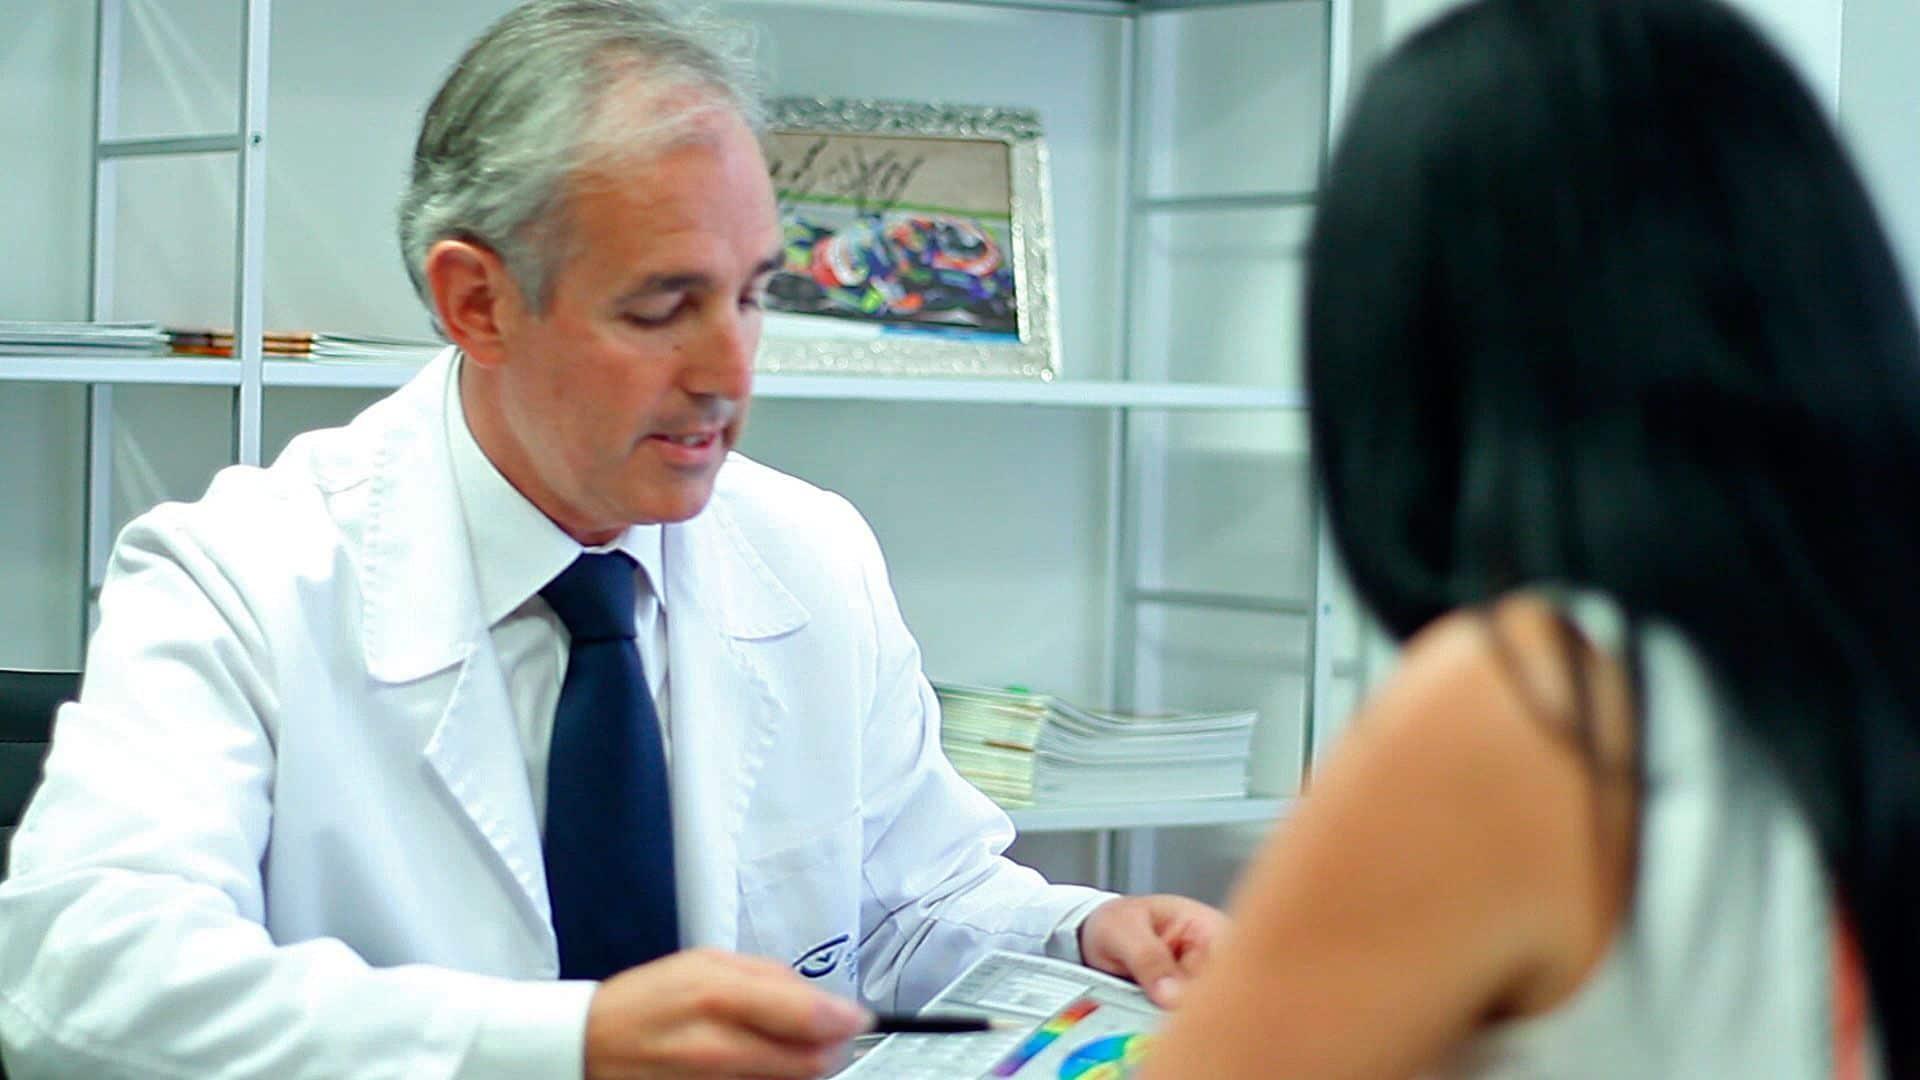 DR-VERGEs oftalmologo en barcelona